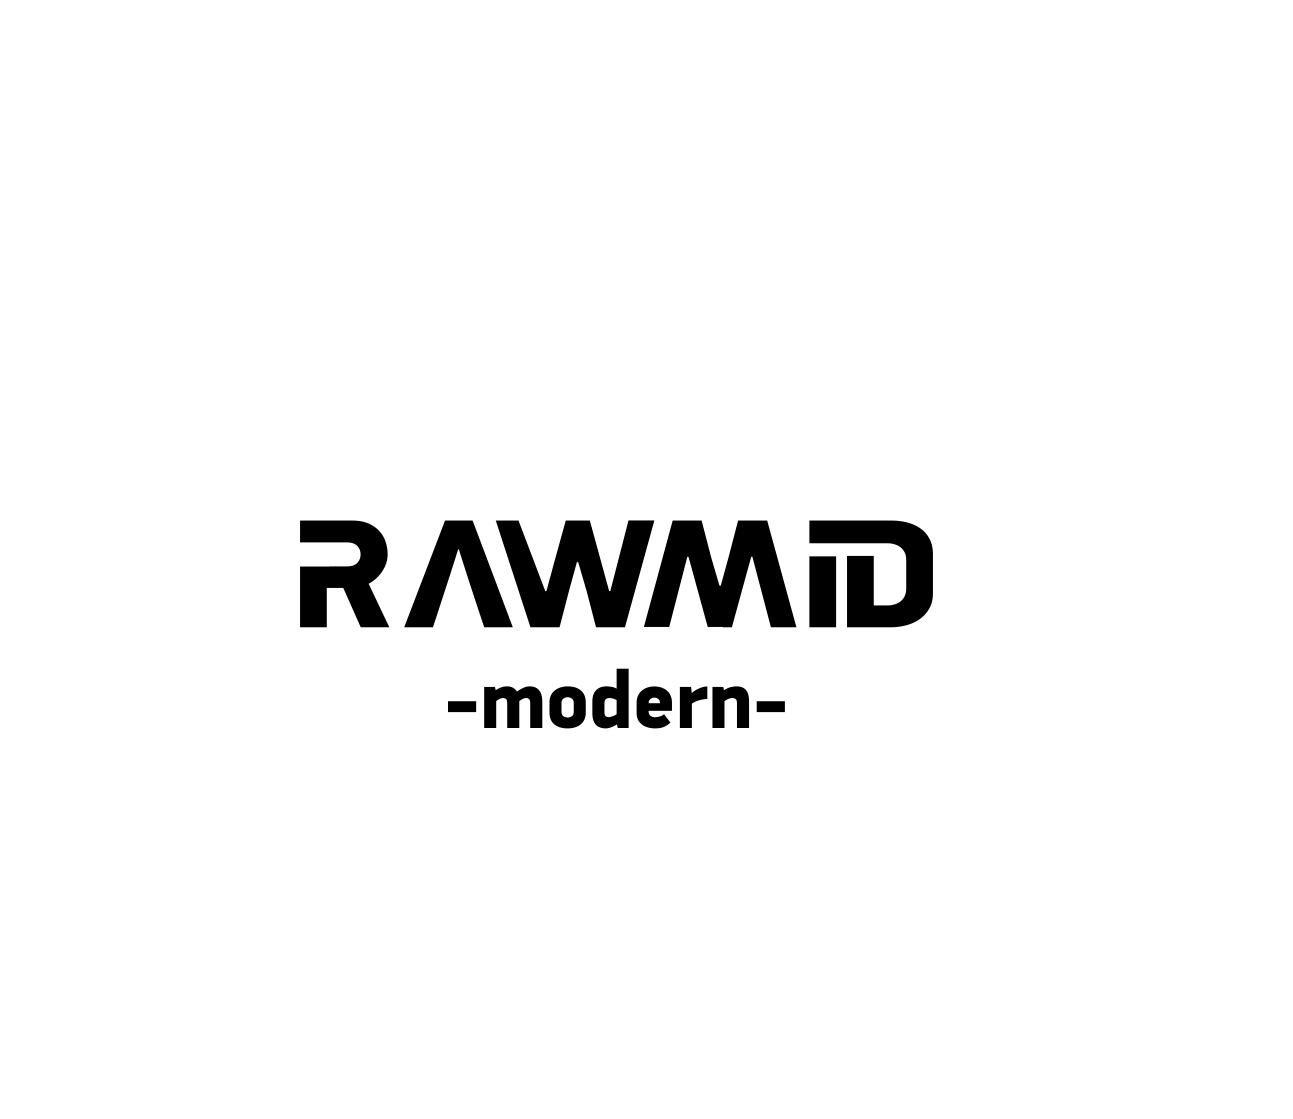 Создать логотип (буквенная часть) для бренда бытовой техники фото f_1375b33e5978f6cb.jpg